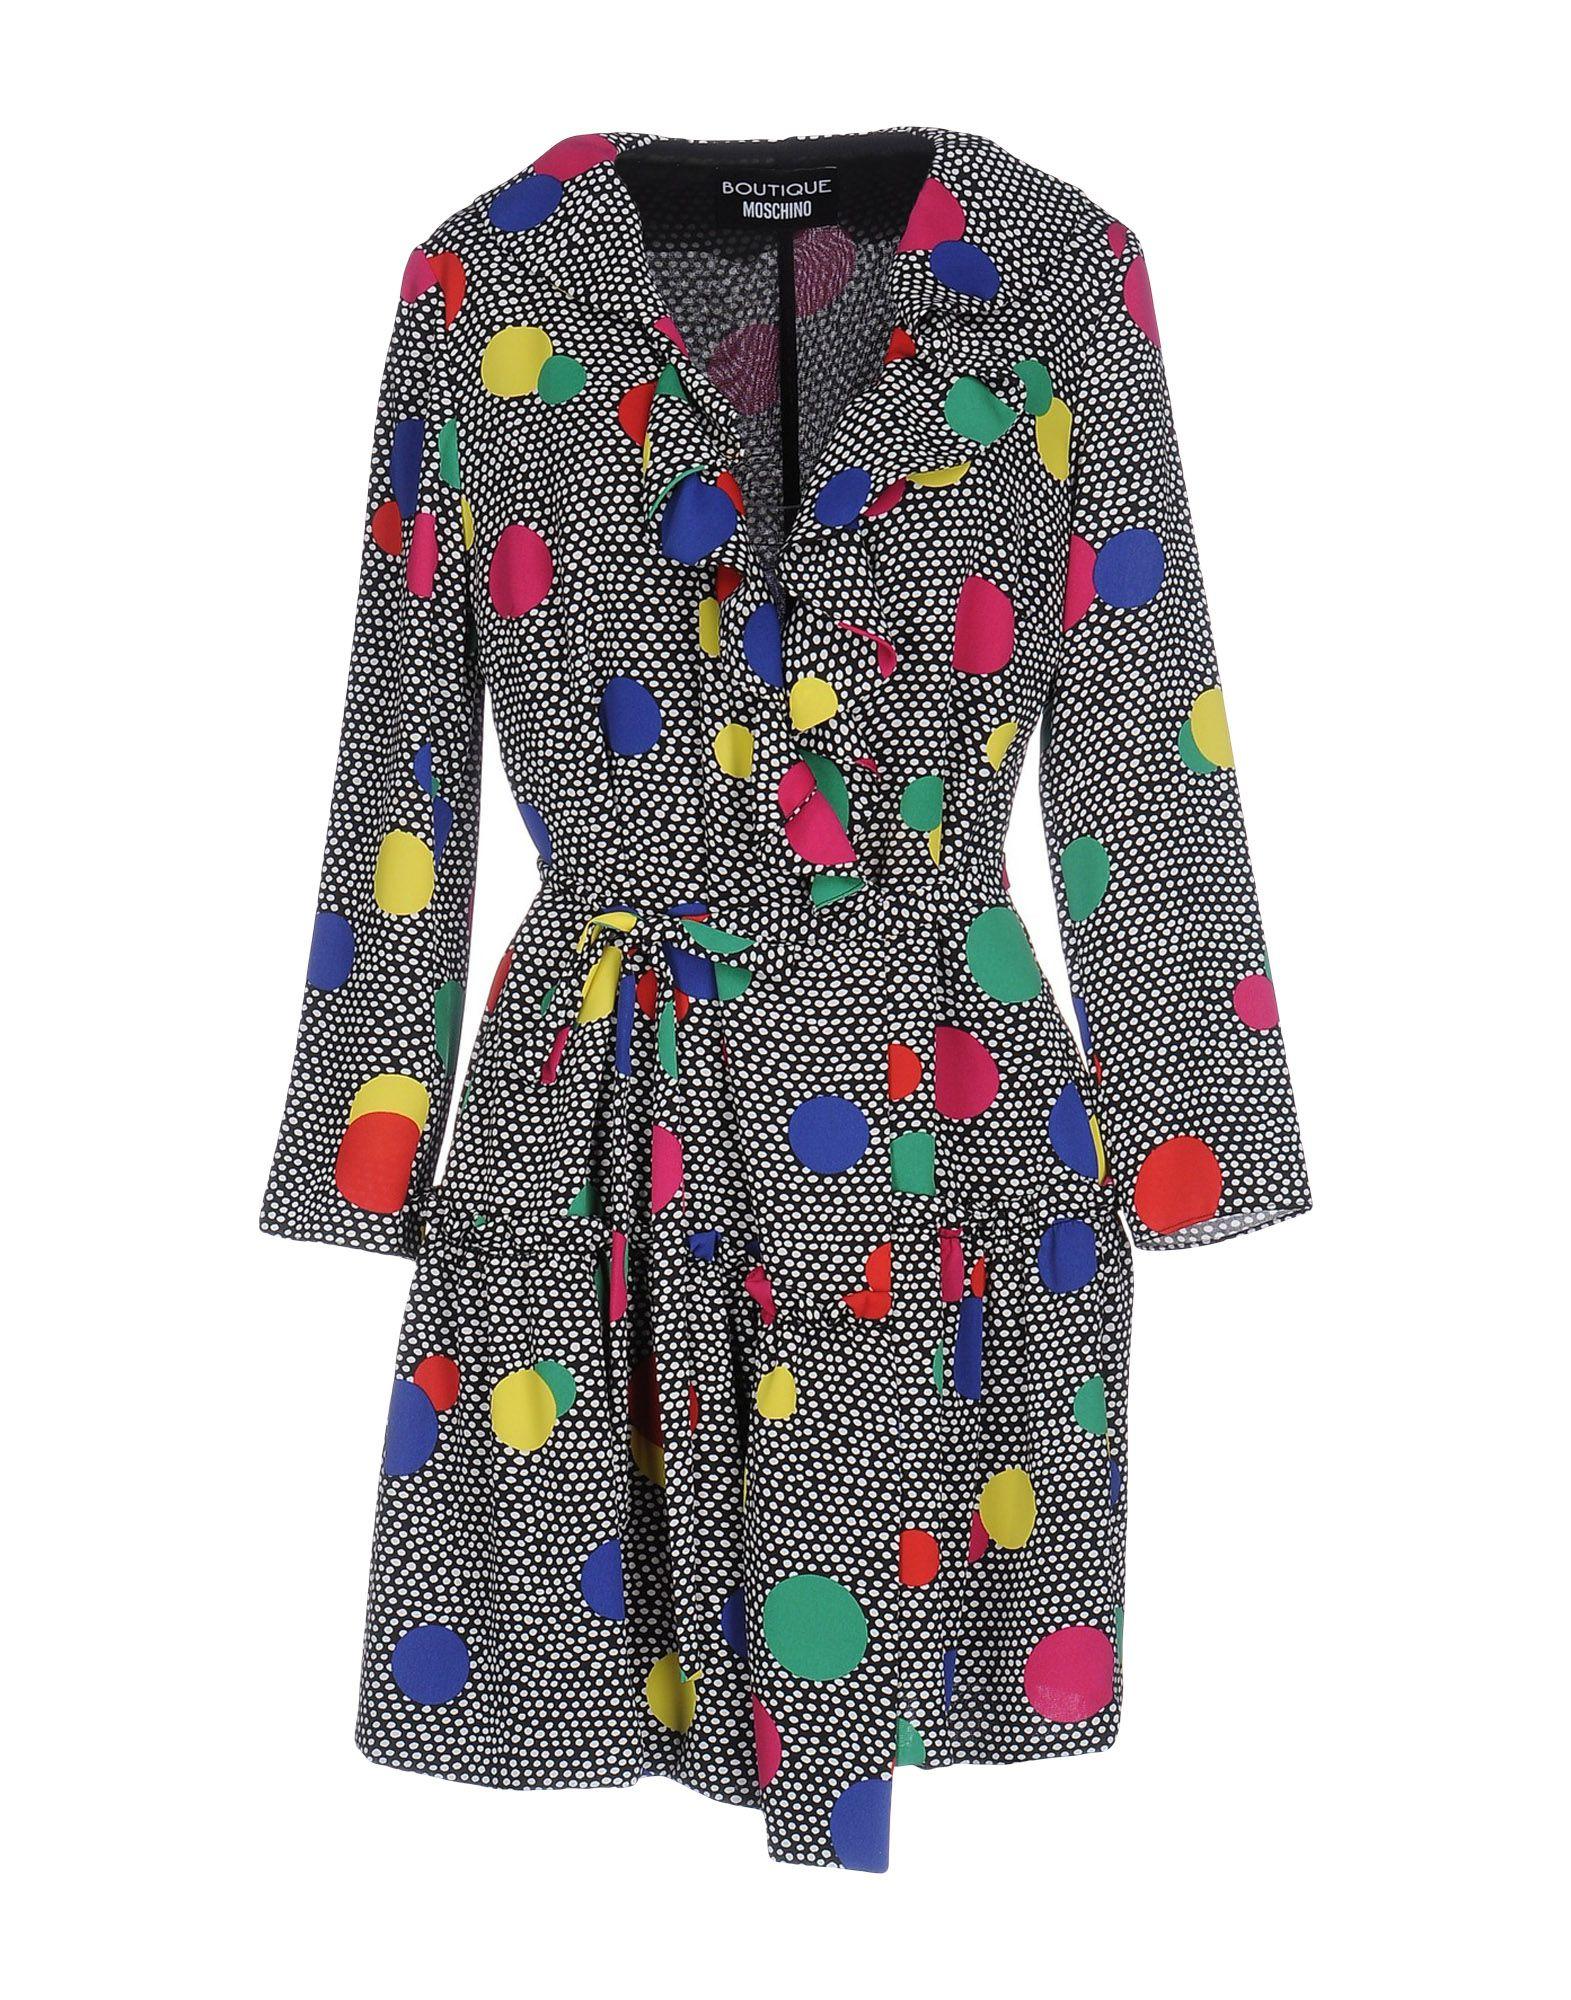 Corto Online Moschino Boutique Vestito Acquista Yoox Donna Su kZuXiPO